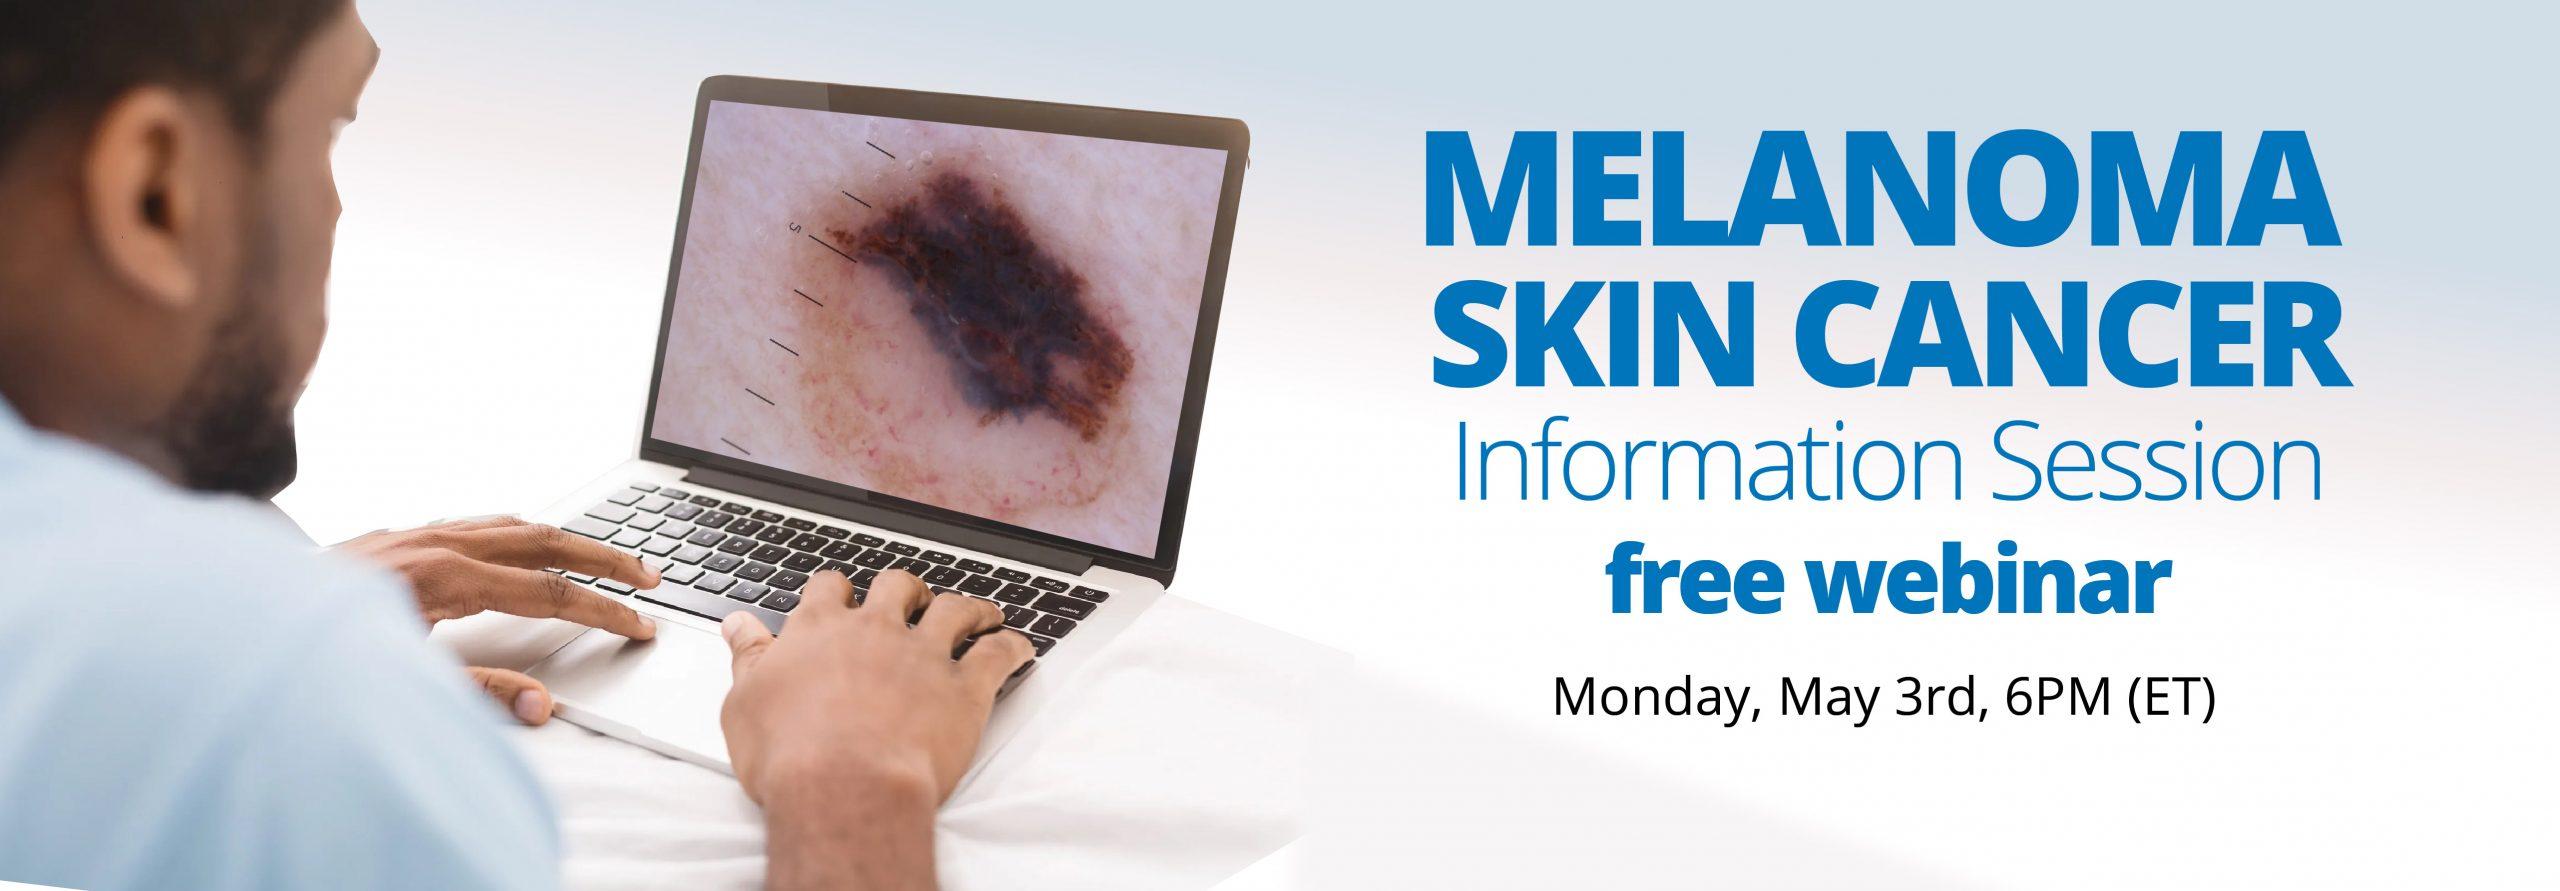 Melanoma & Skin Cancer Webinar